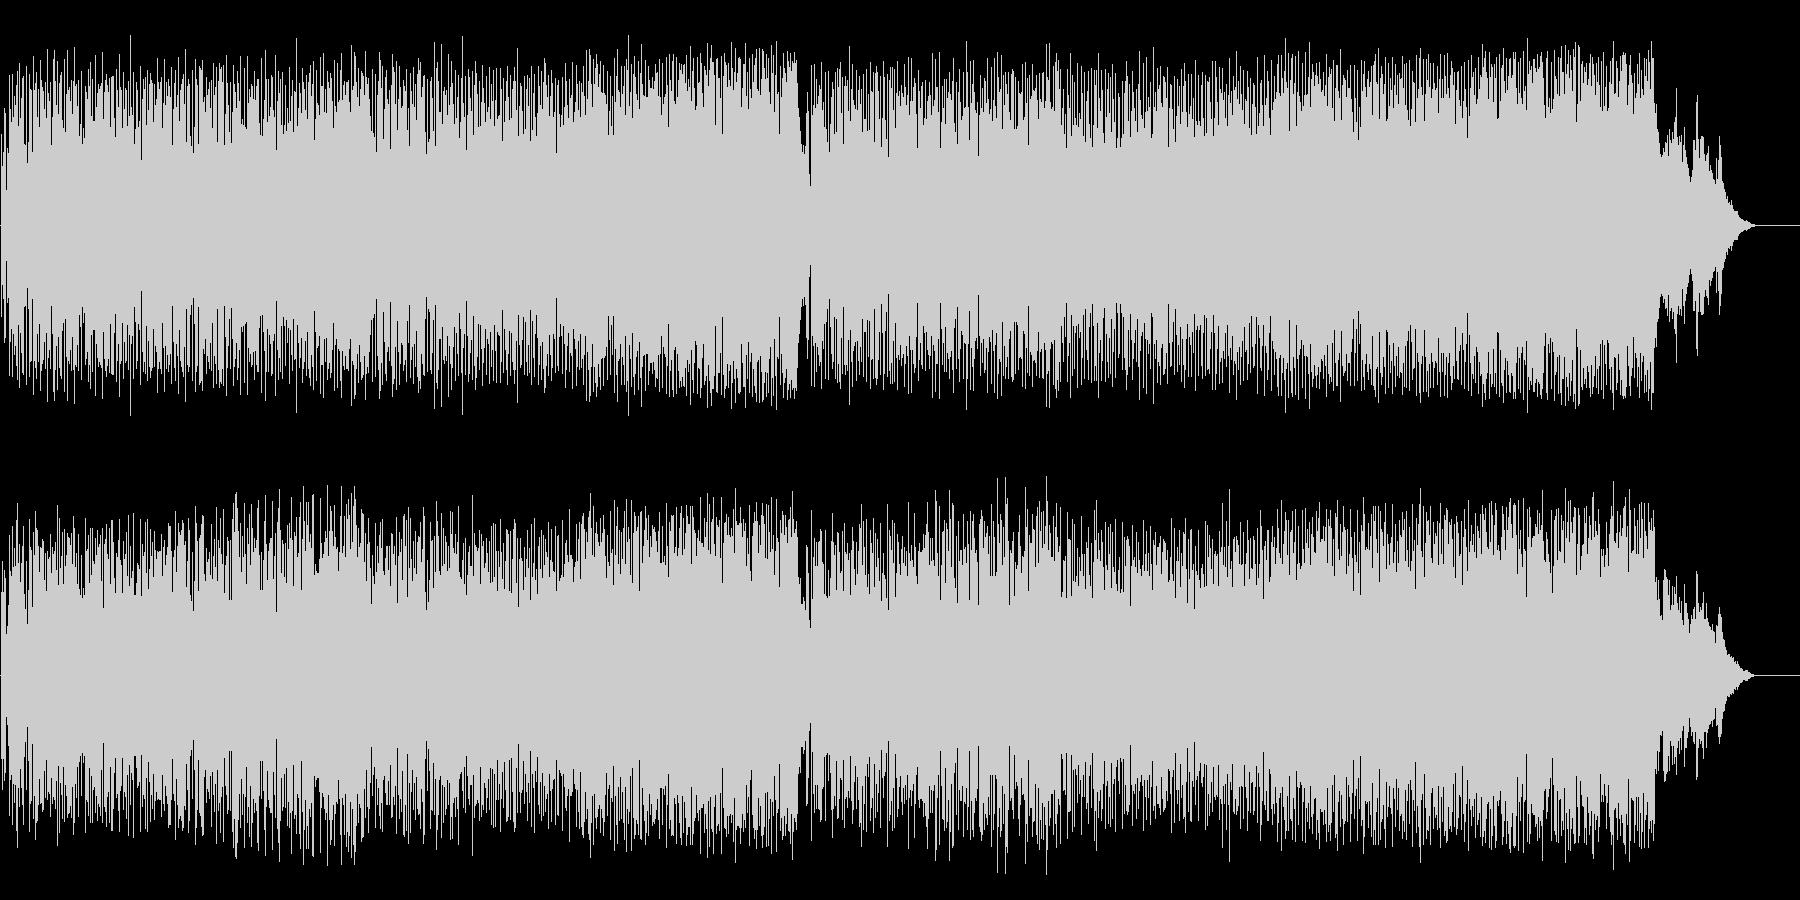 出発のエンディングBGM(フルサイズ)の未再生の波形